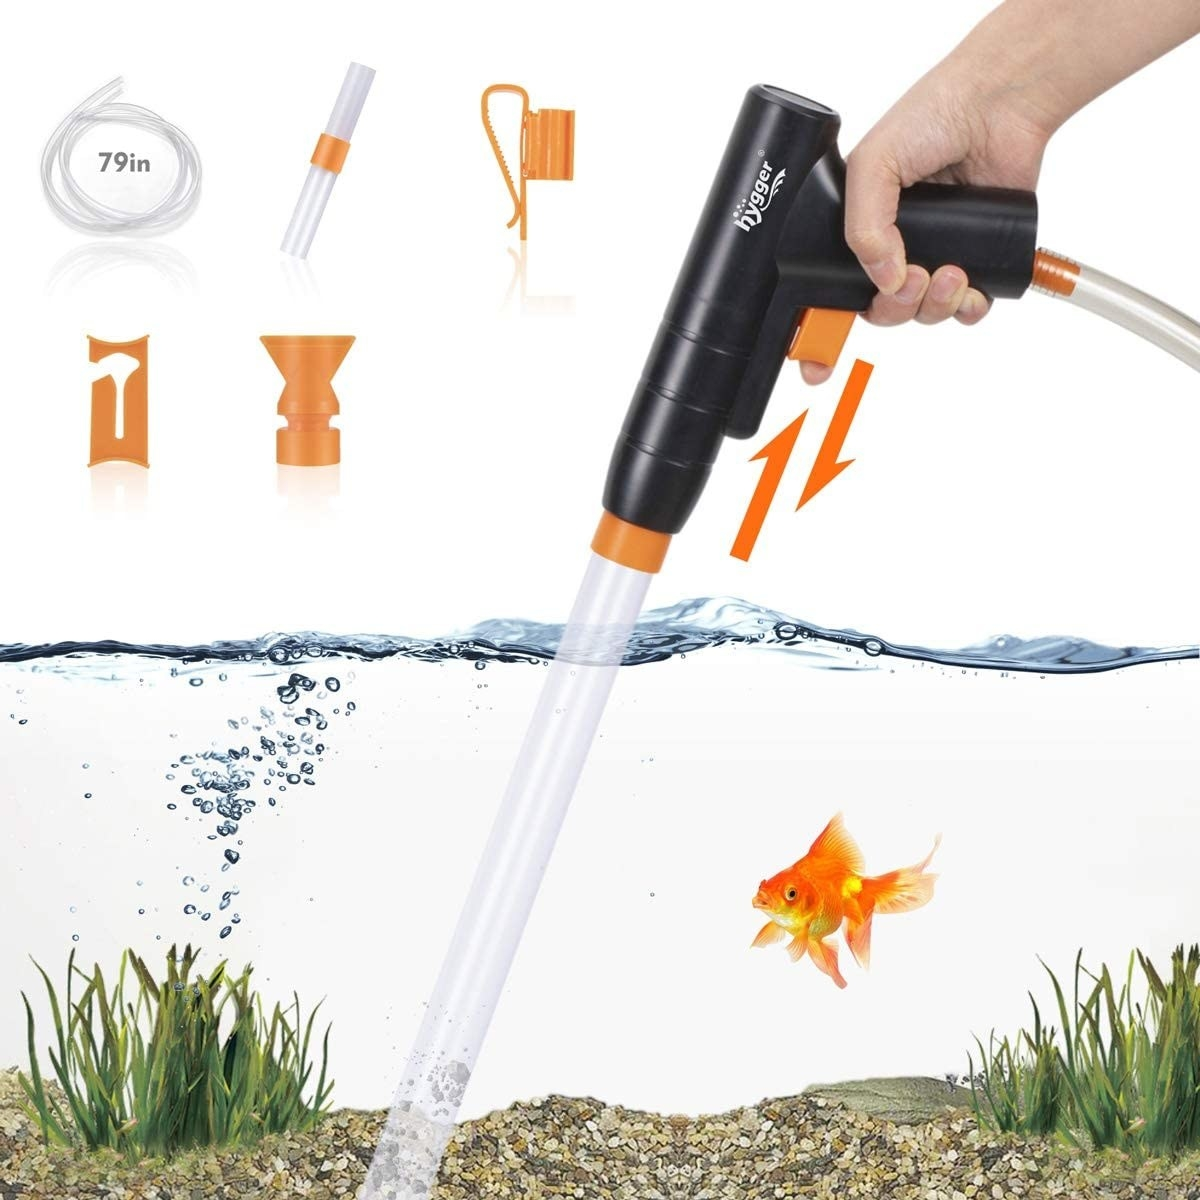 the siphon tool in an aquarium